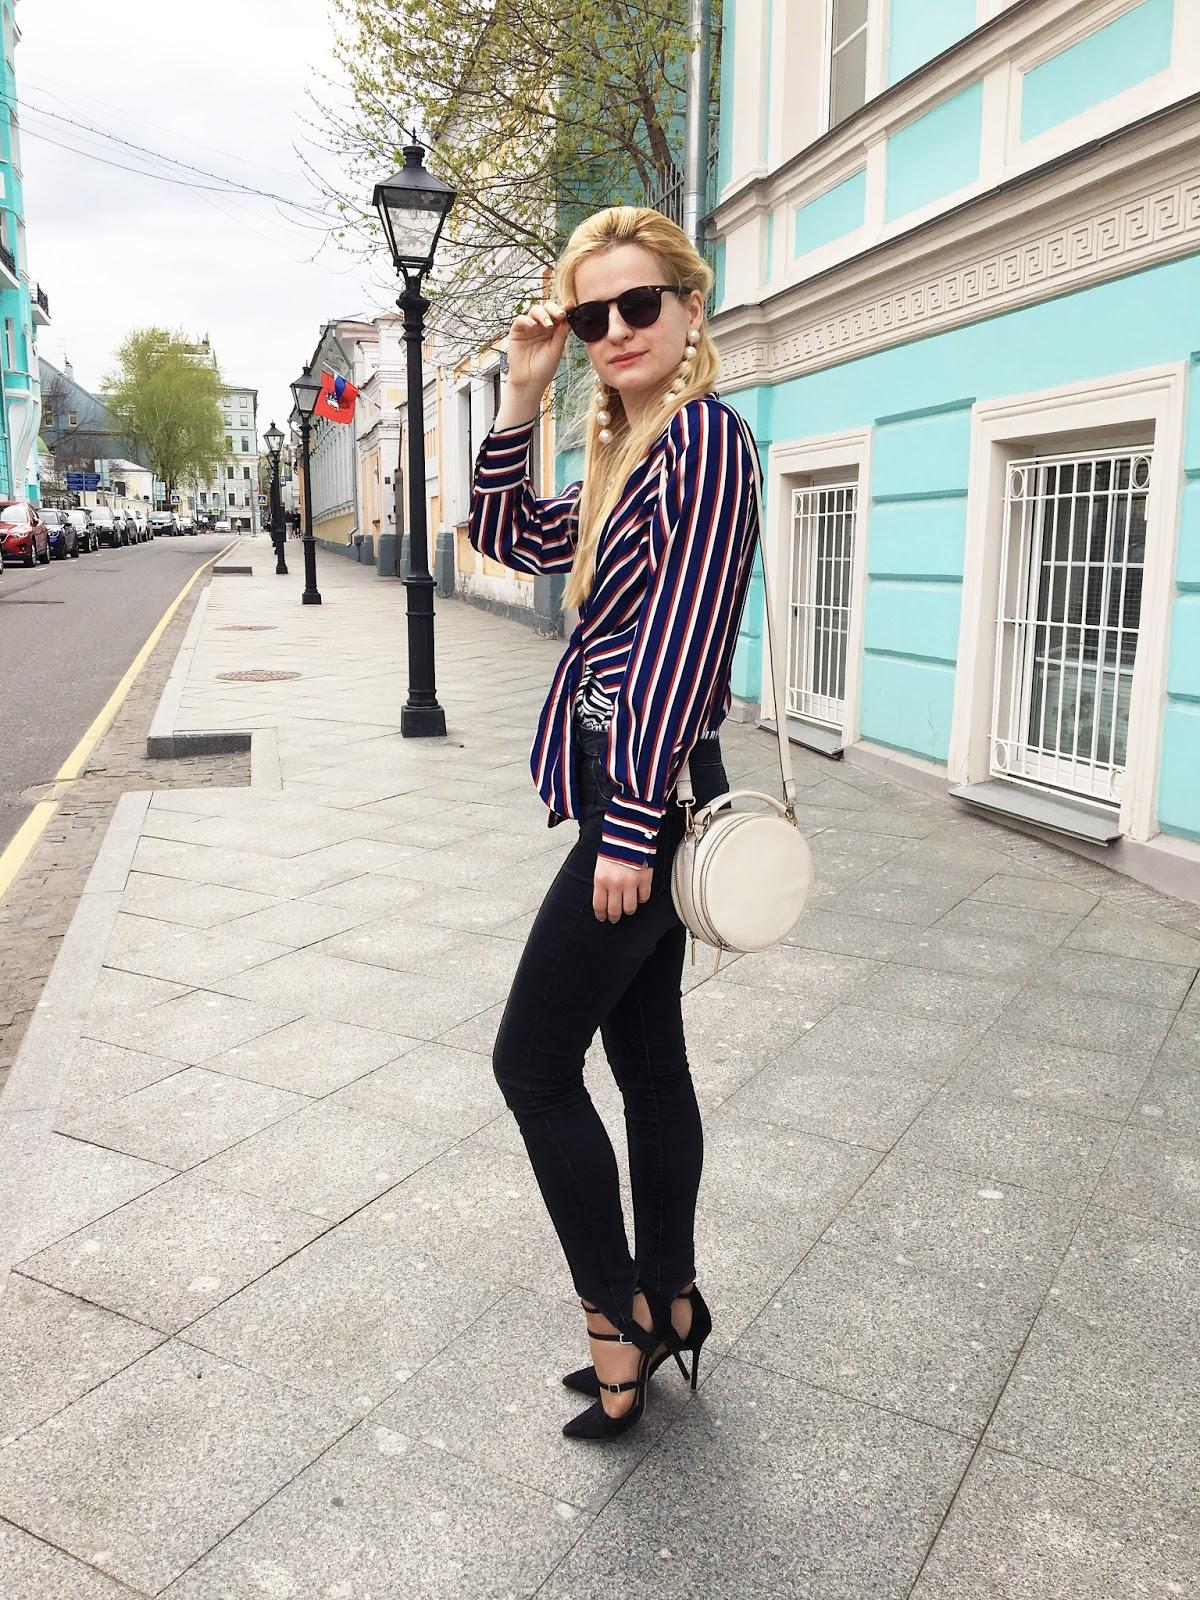 модные идеи, что надеть летом, модные луки фото, модный блог,fashionblog pics, fashion style jeans